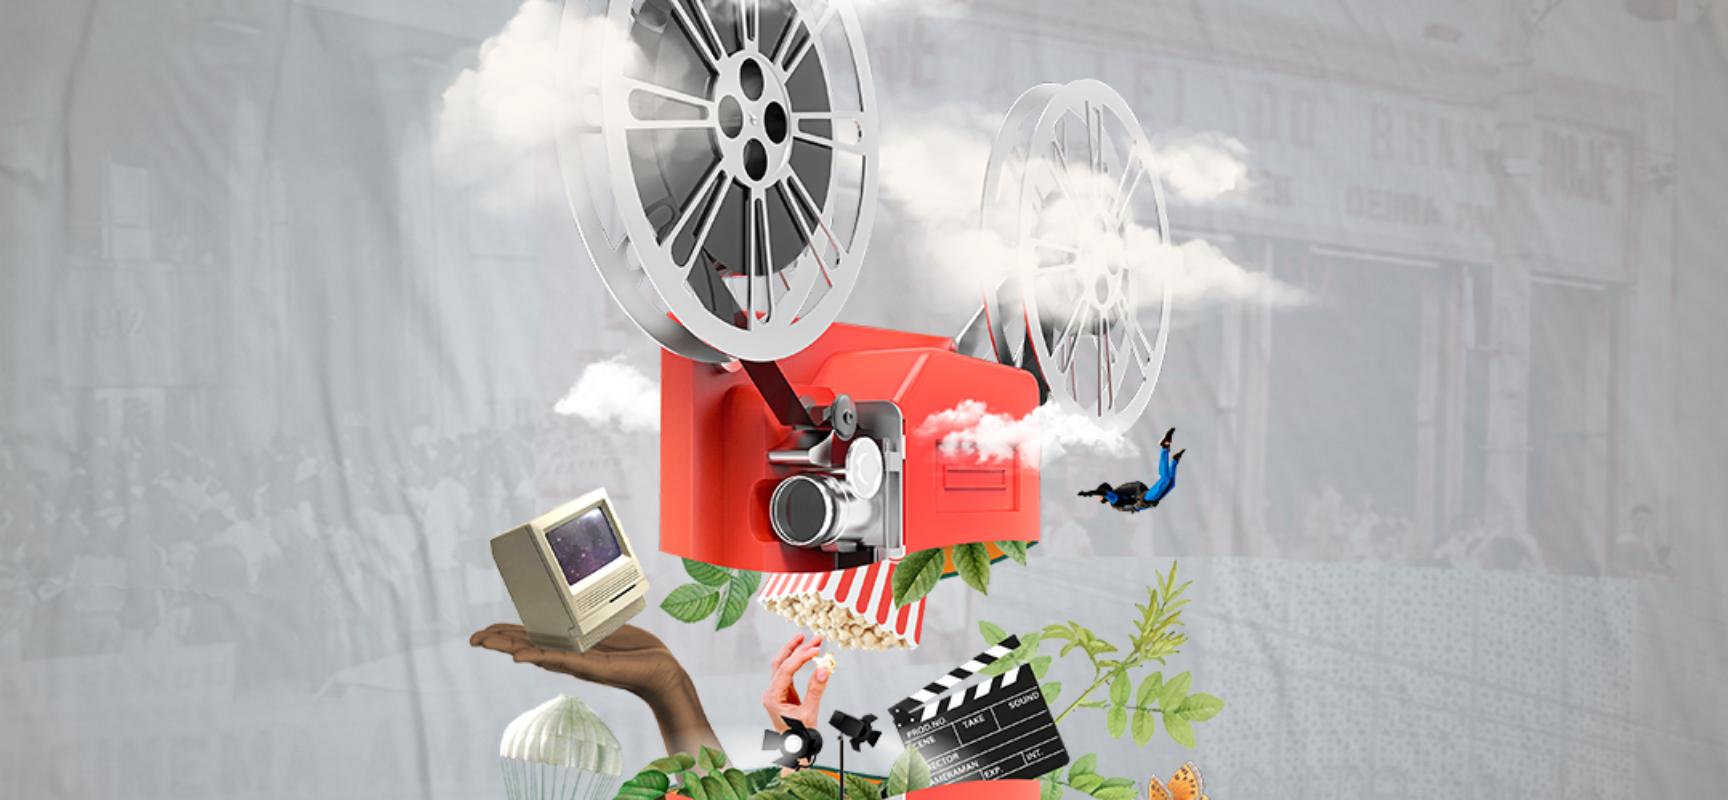 3ª Mostra Cinemas do Brasil abre inscrições para filmes sobre cinemas de rua do país.